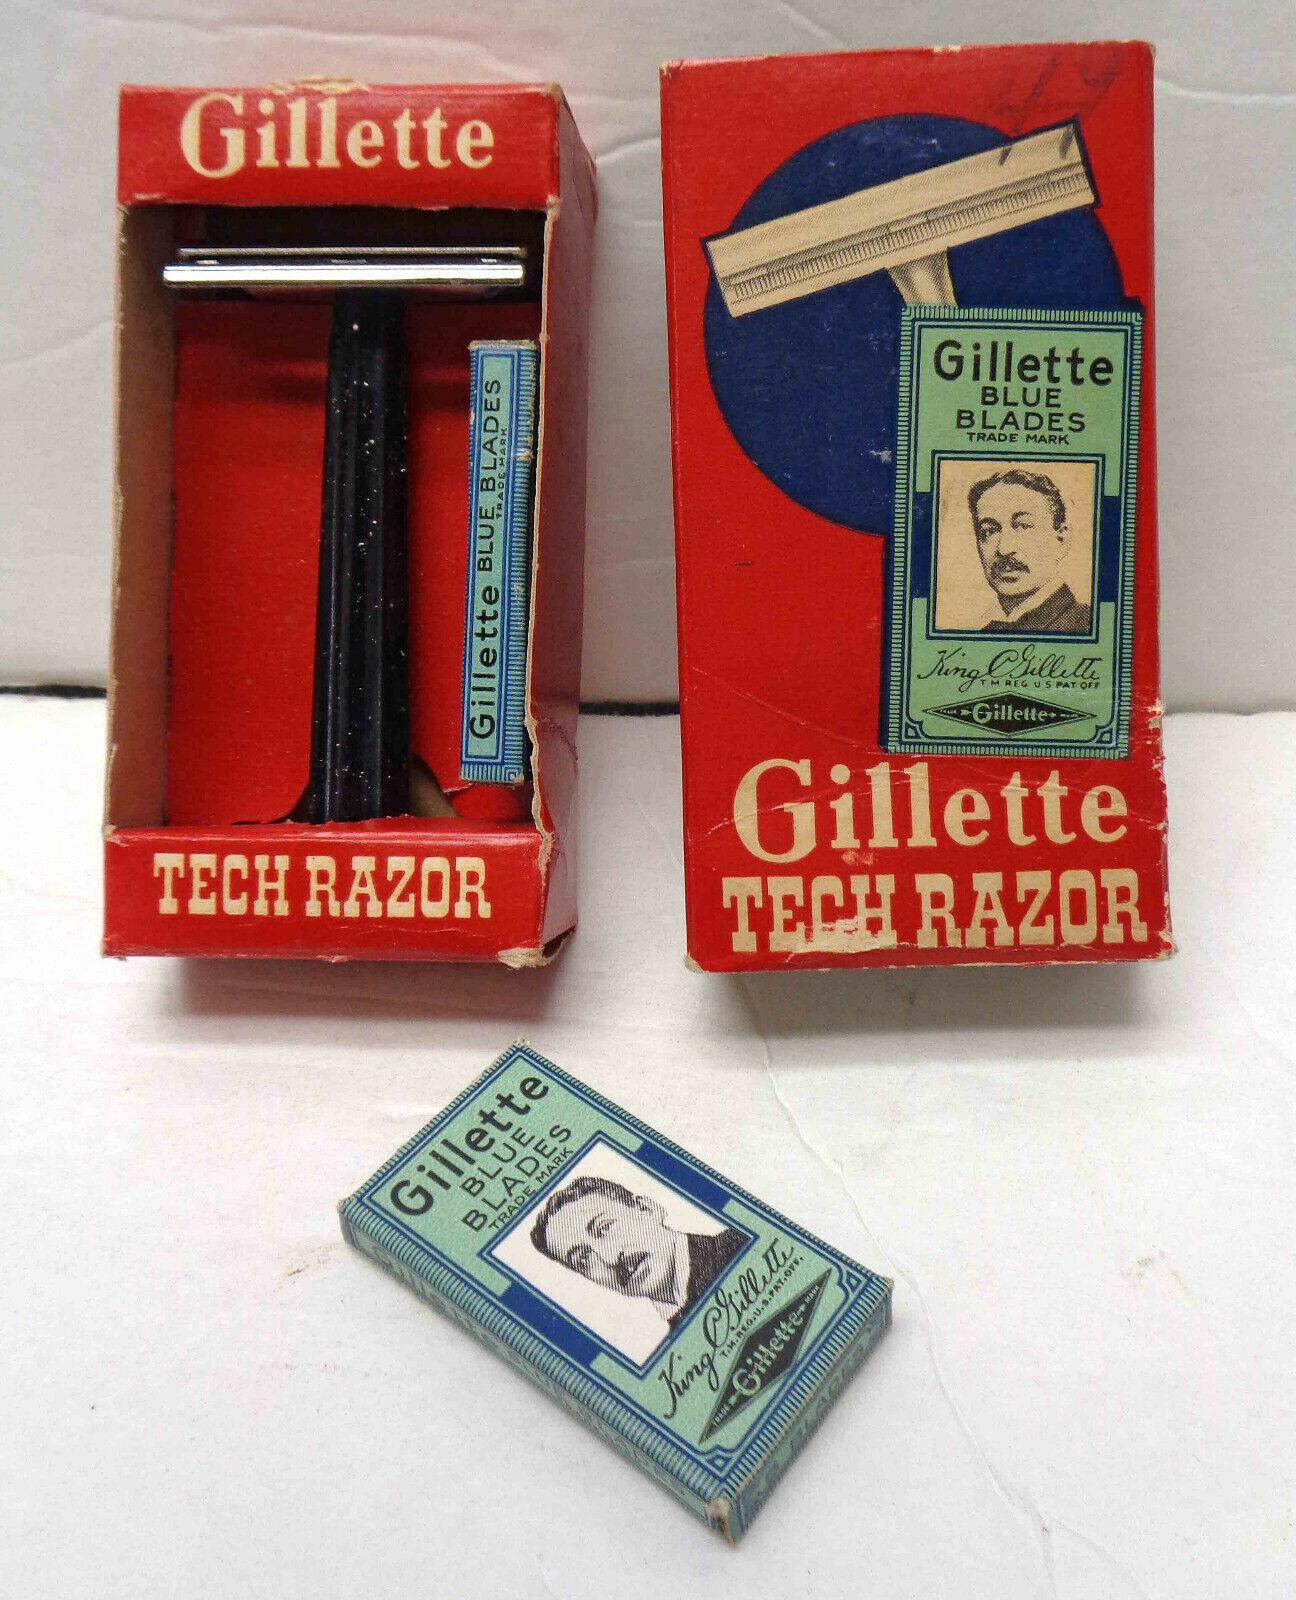 tienda en linea Vintage Tech Maquinilla Maquinilla Maquinilla De Afeitar Gillette Con Caja Original, Insert, Y Azul Blades Sellado   primera vez respuesta